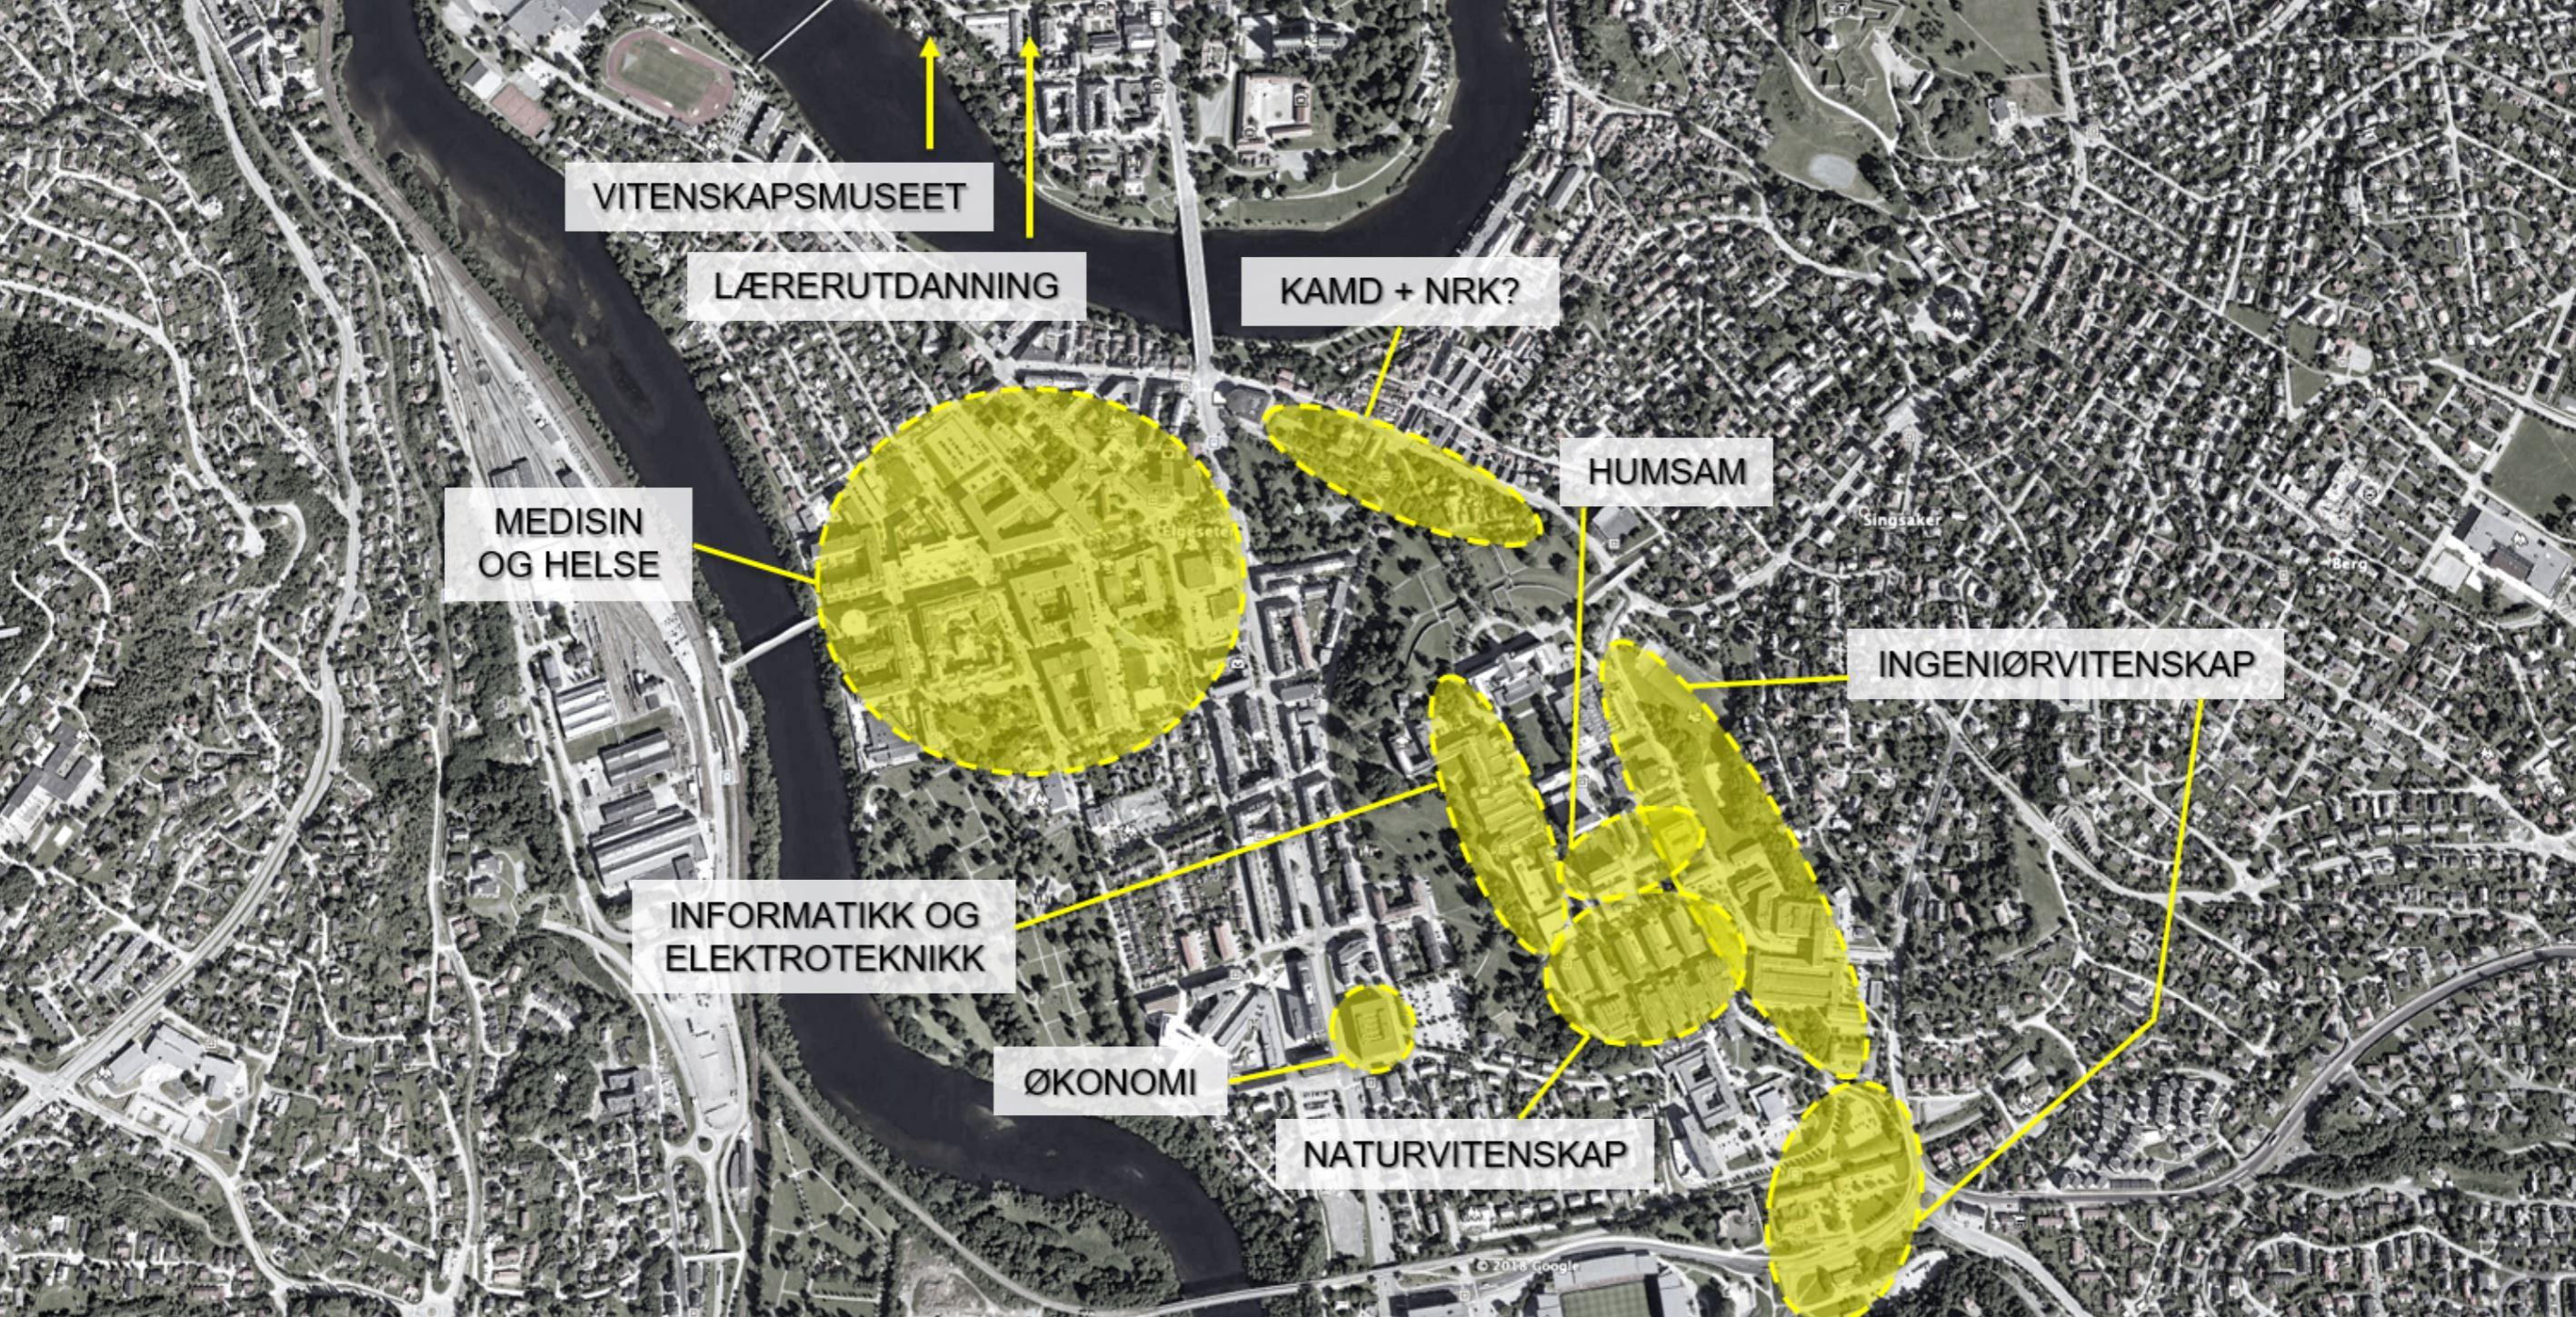 Illustrasjon over plassering av faglige klynger når campus i Trondheim samles.